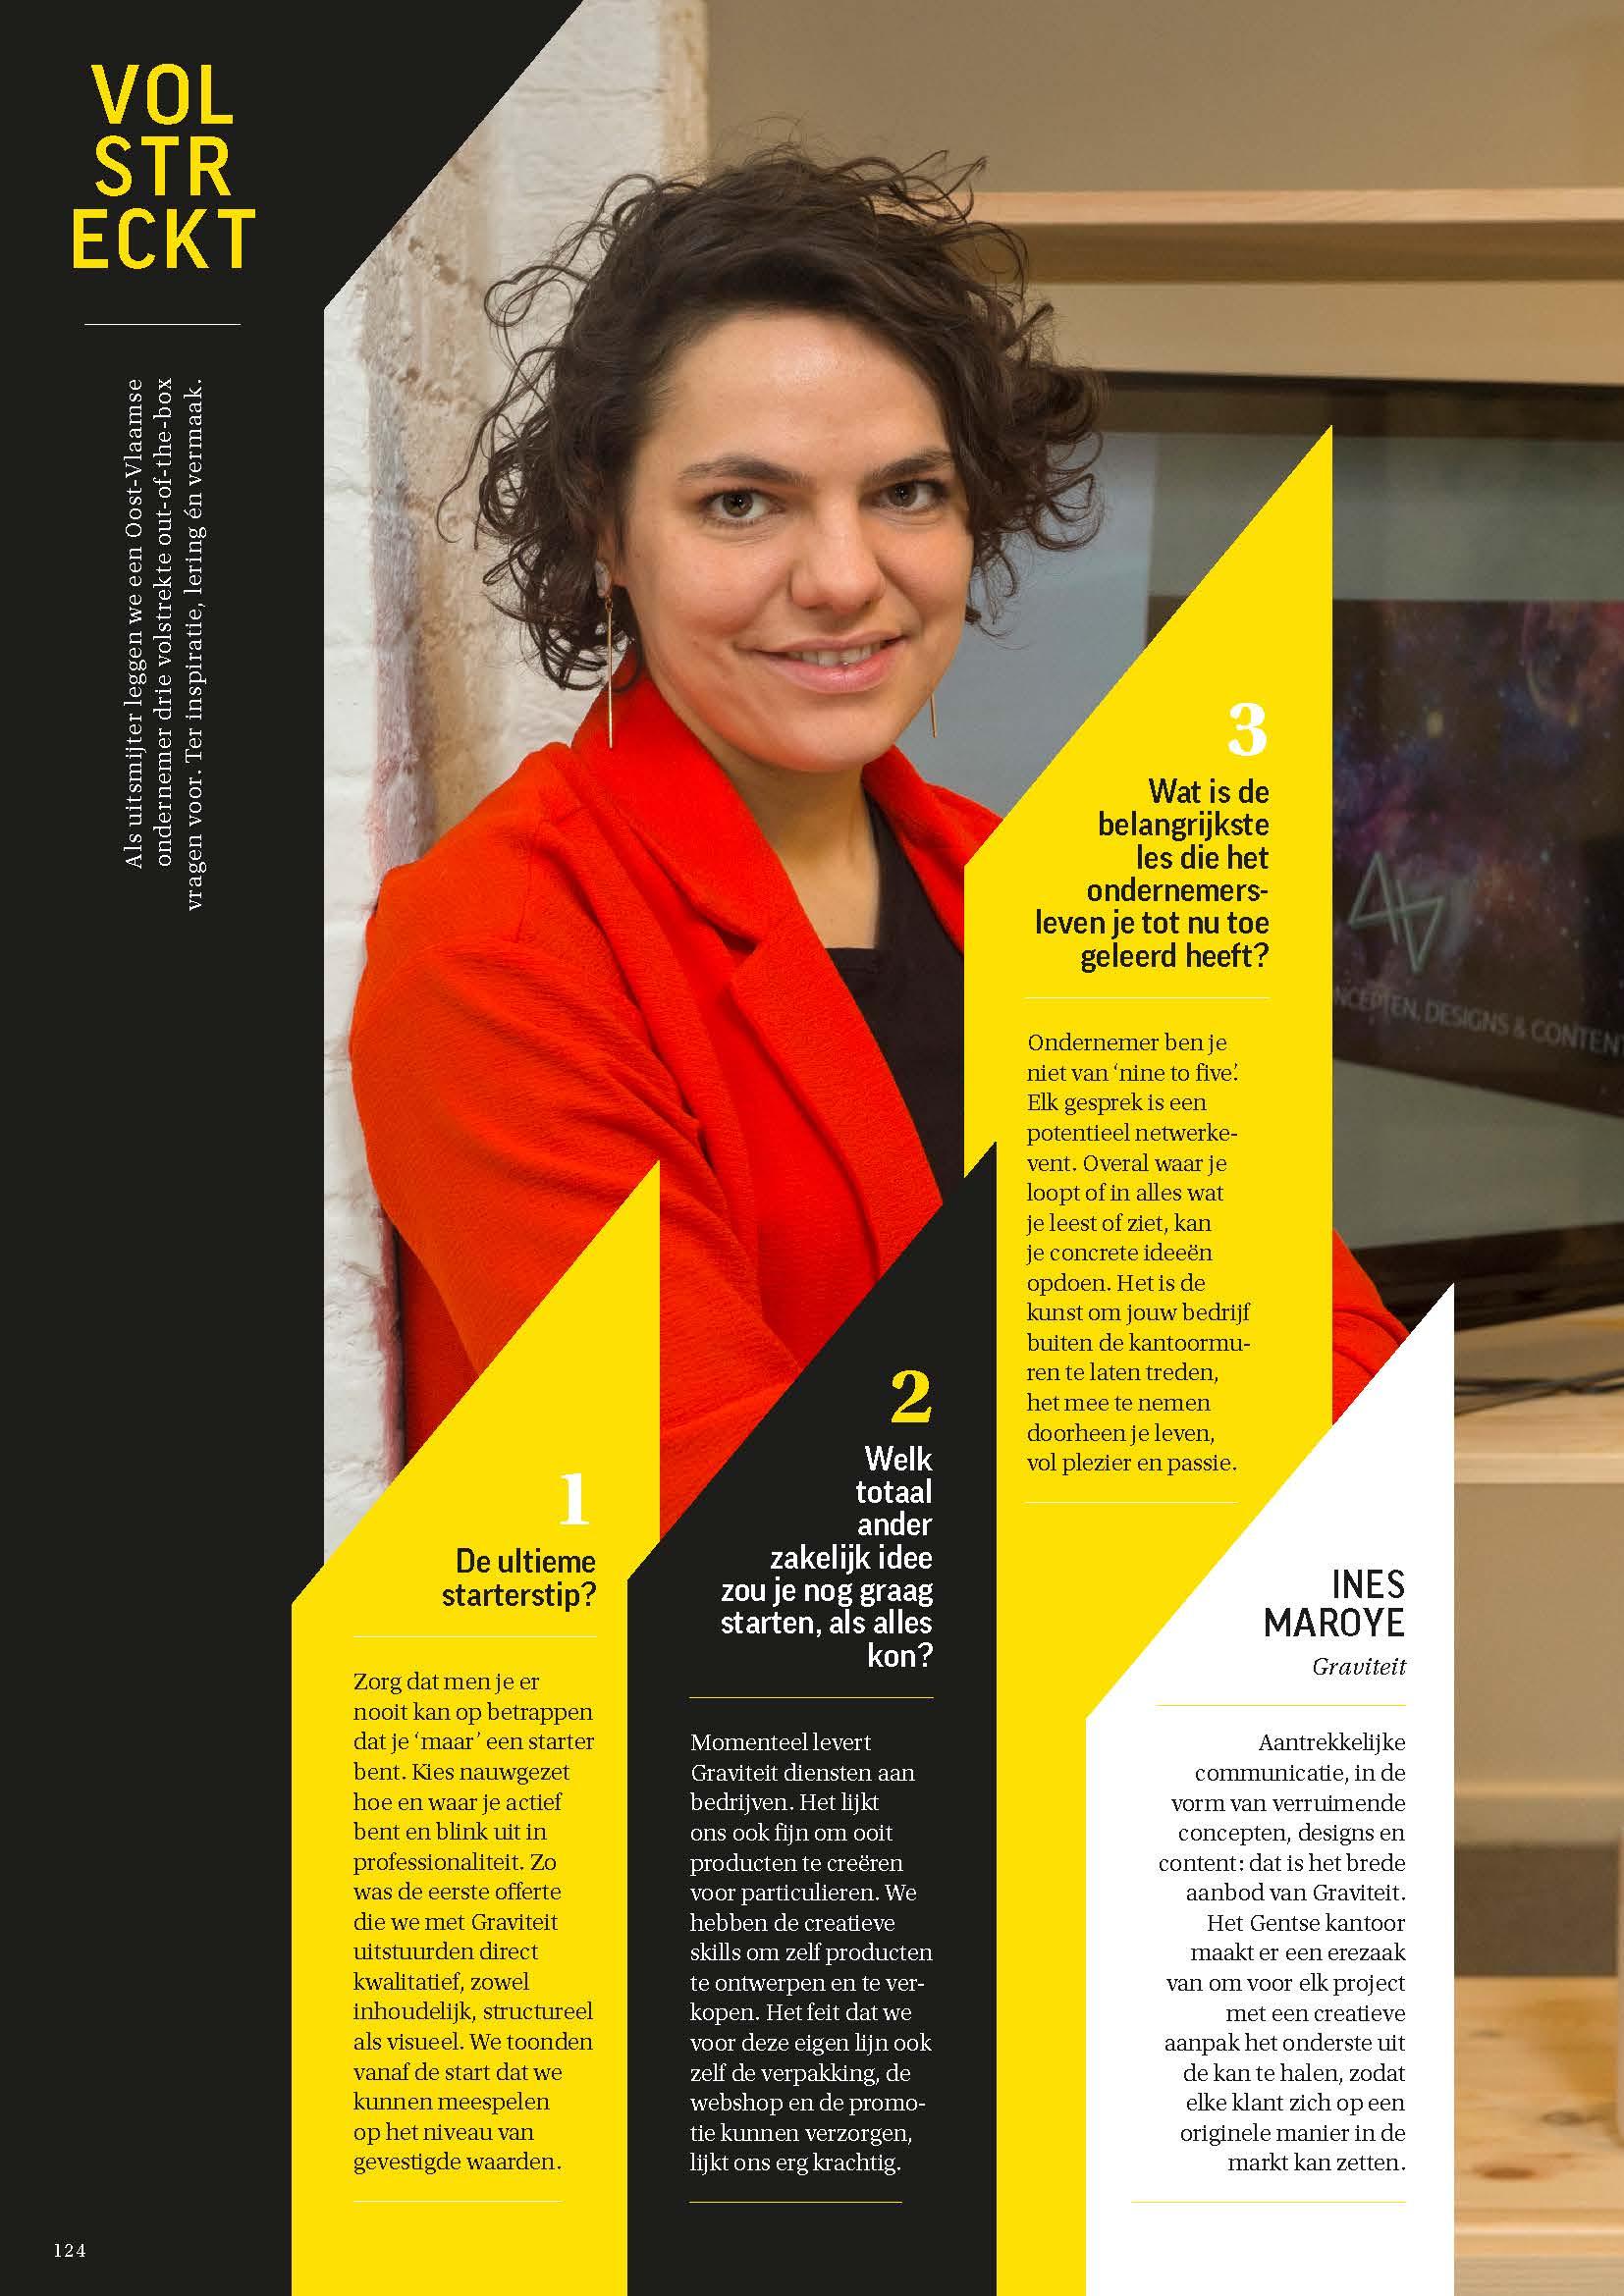 Wichels Gents Communicatiebureau Graviteit in Sterck Magazine Volstreckt